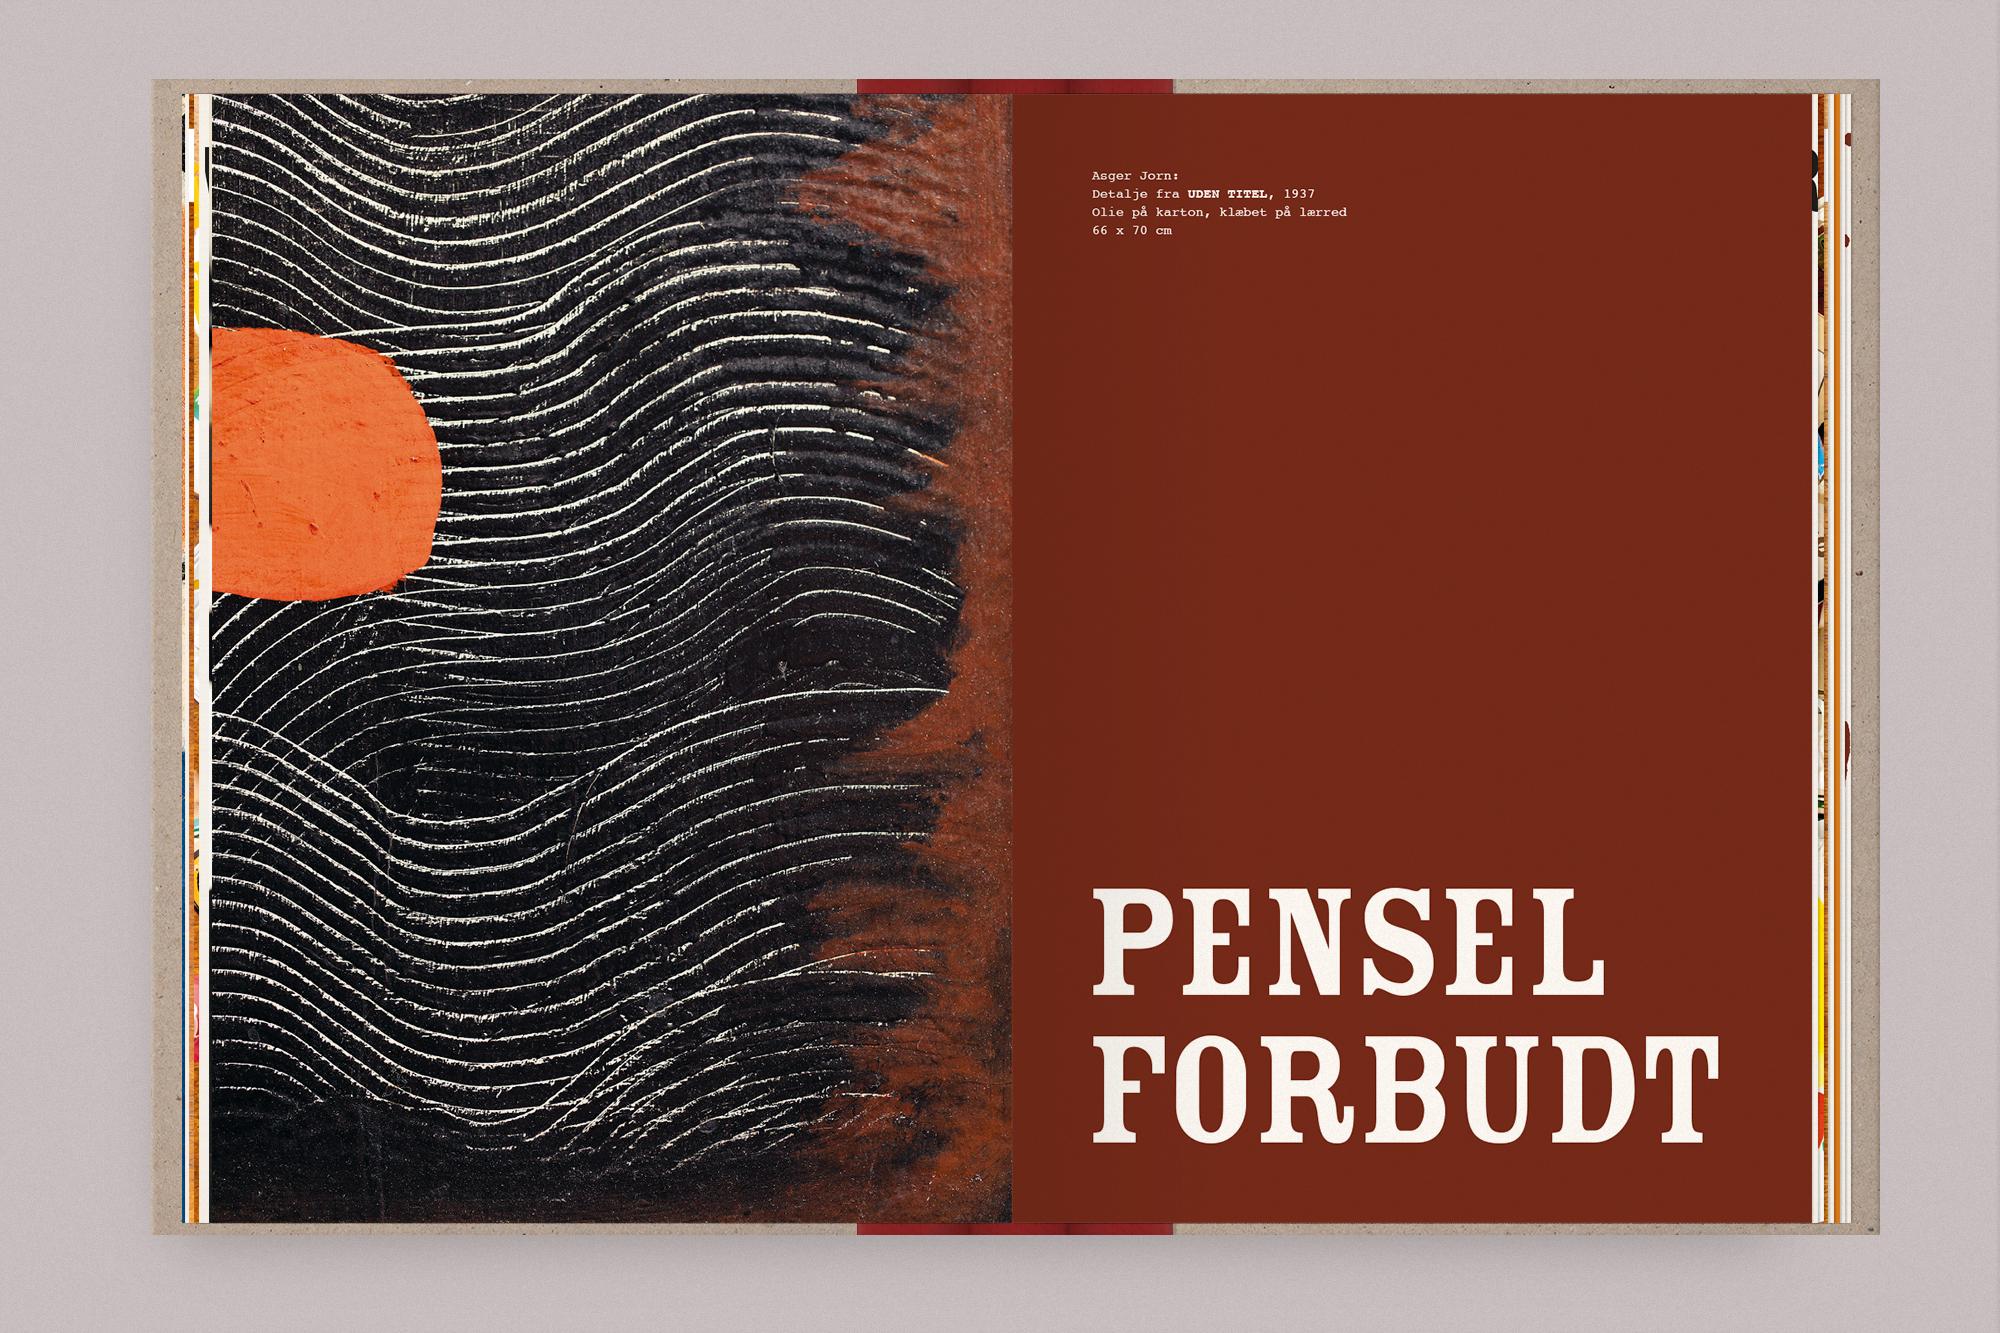 100-eksperimenter-asger-jorn-bogdesign-grafisk-museum-malene-hald-13